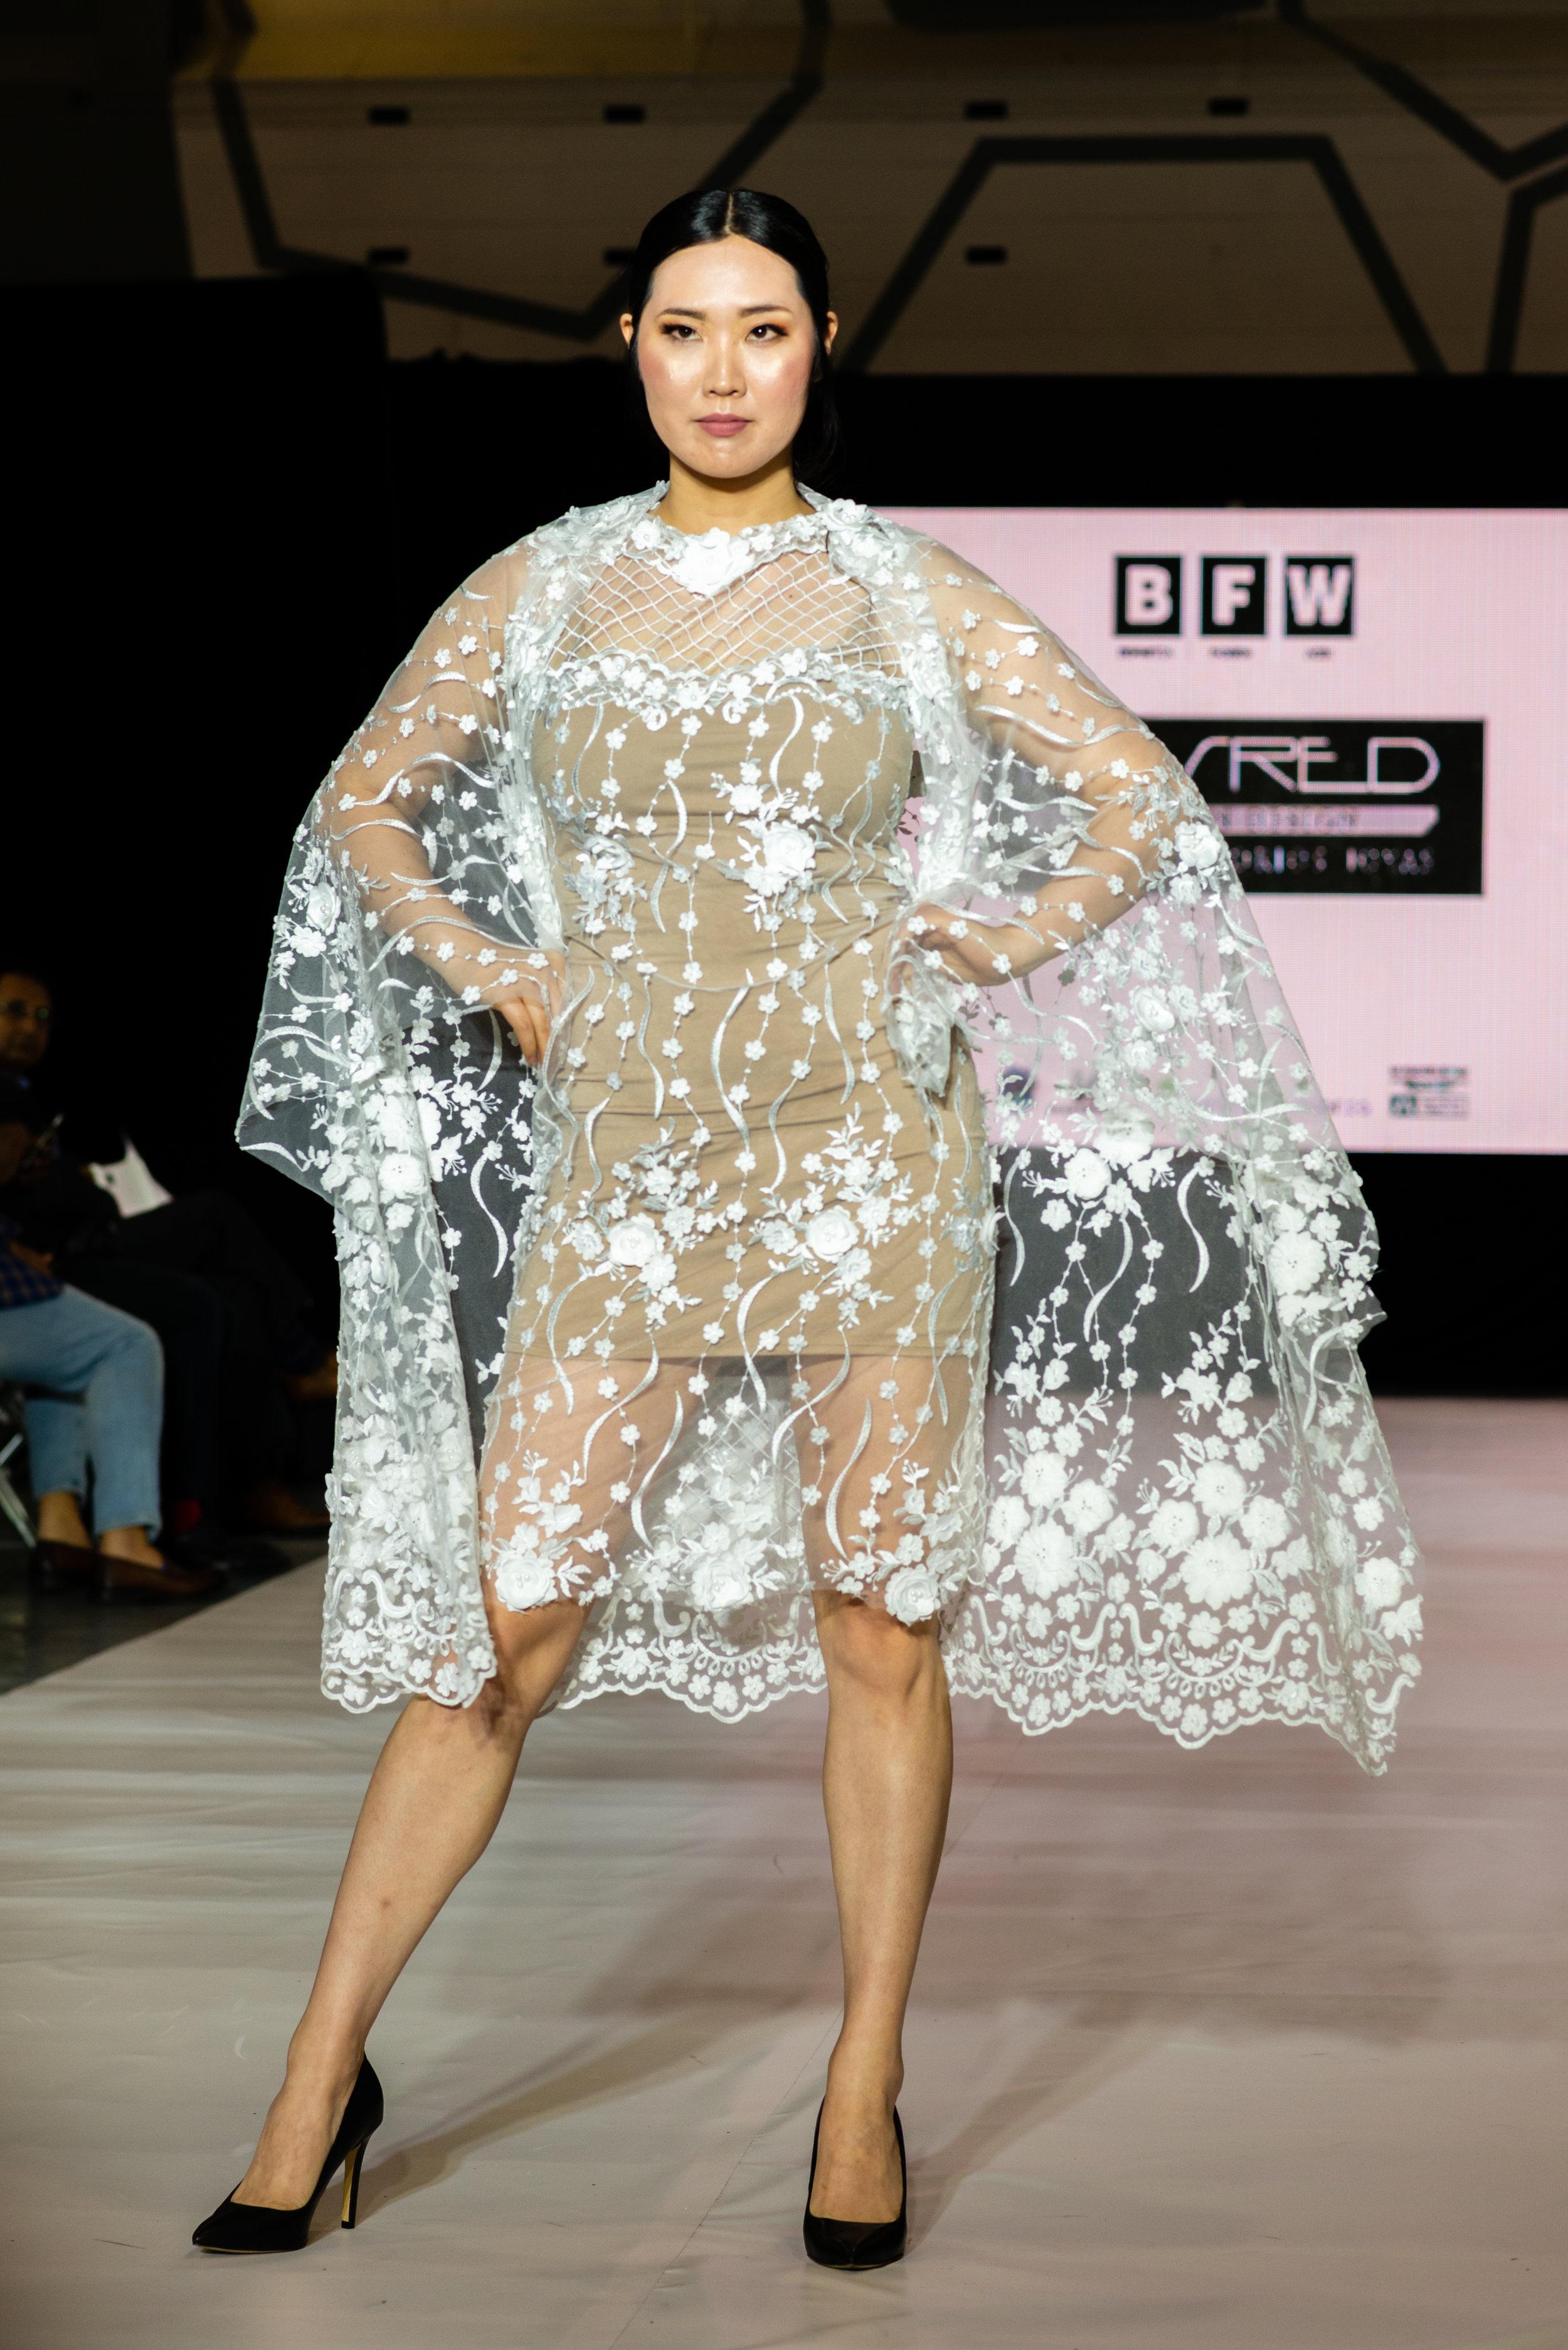 BFW10 - Rosred Fashion Design-D8A_2194.jpg